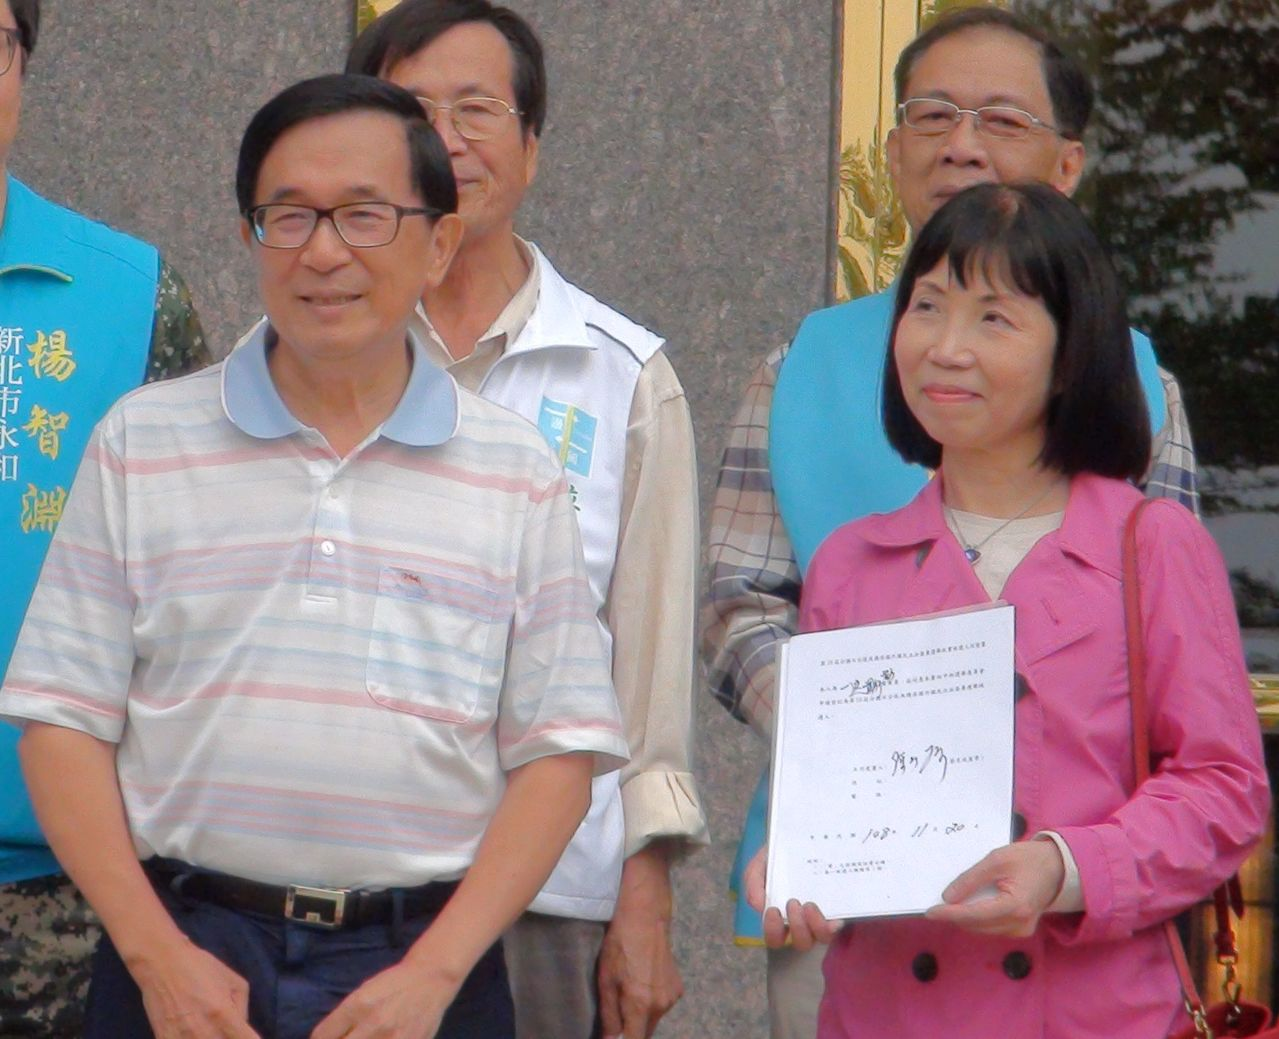 前總統陳水扁被一邊一國行動黨列為不分區第六位,但如最後被中選會剔除,一邊一國行動...